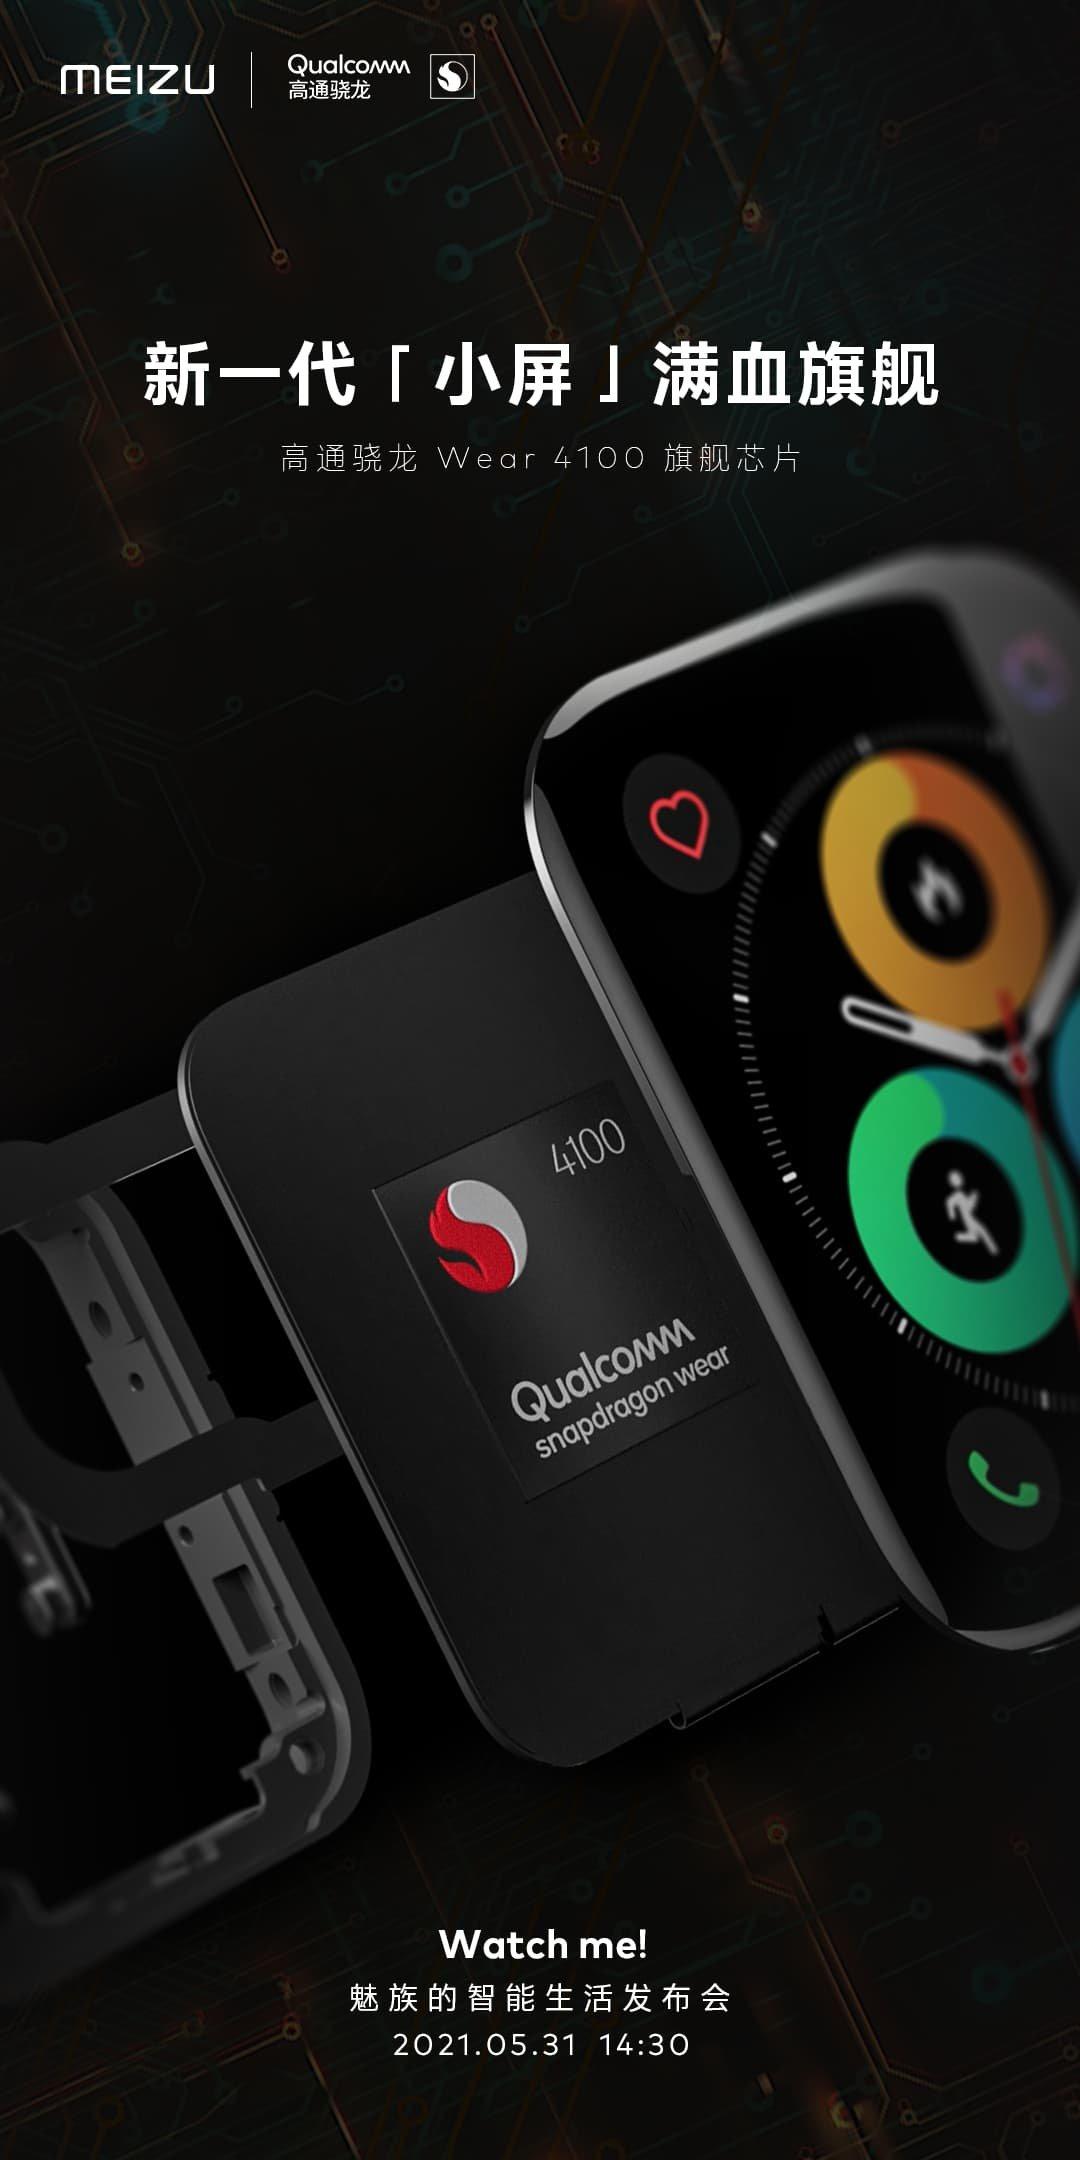 Meizu Watch visas upp 31 maj, kommer med Snapdragon 4100